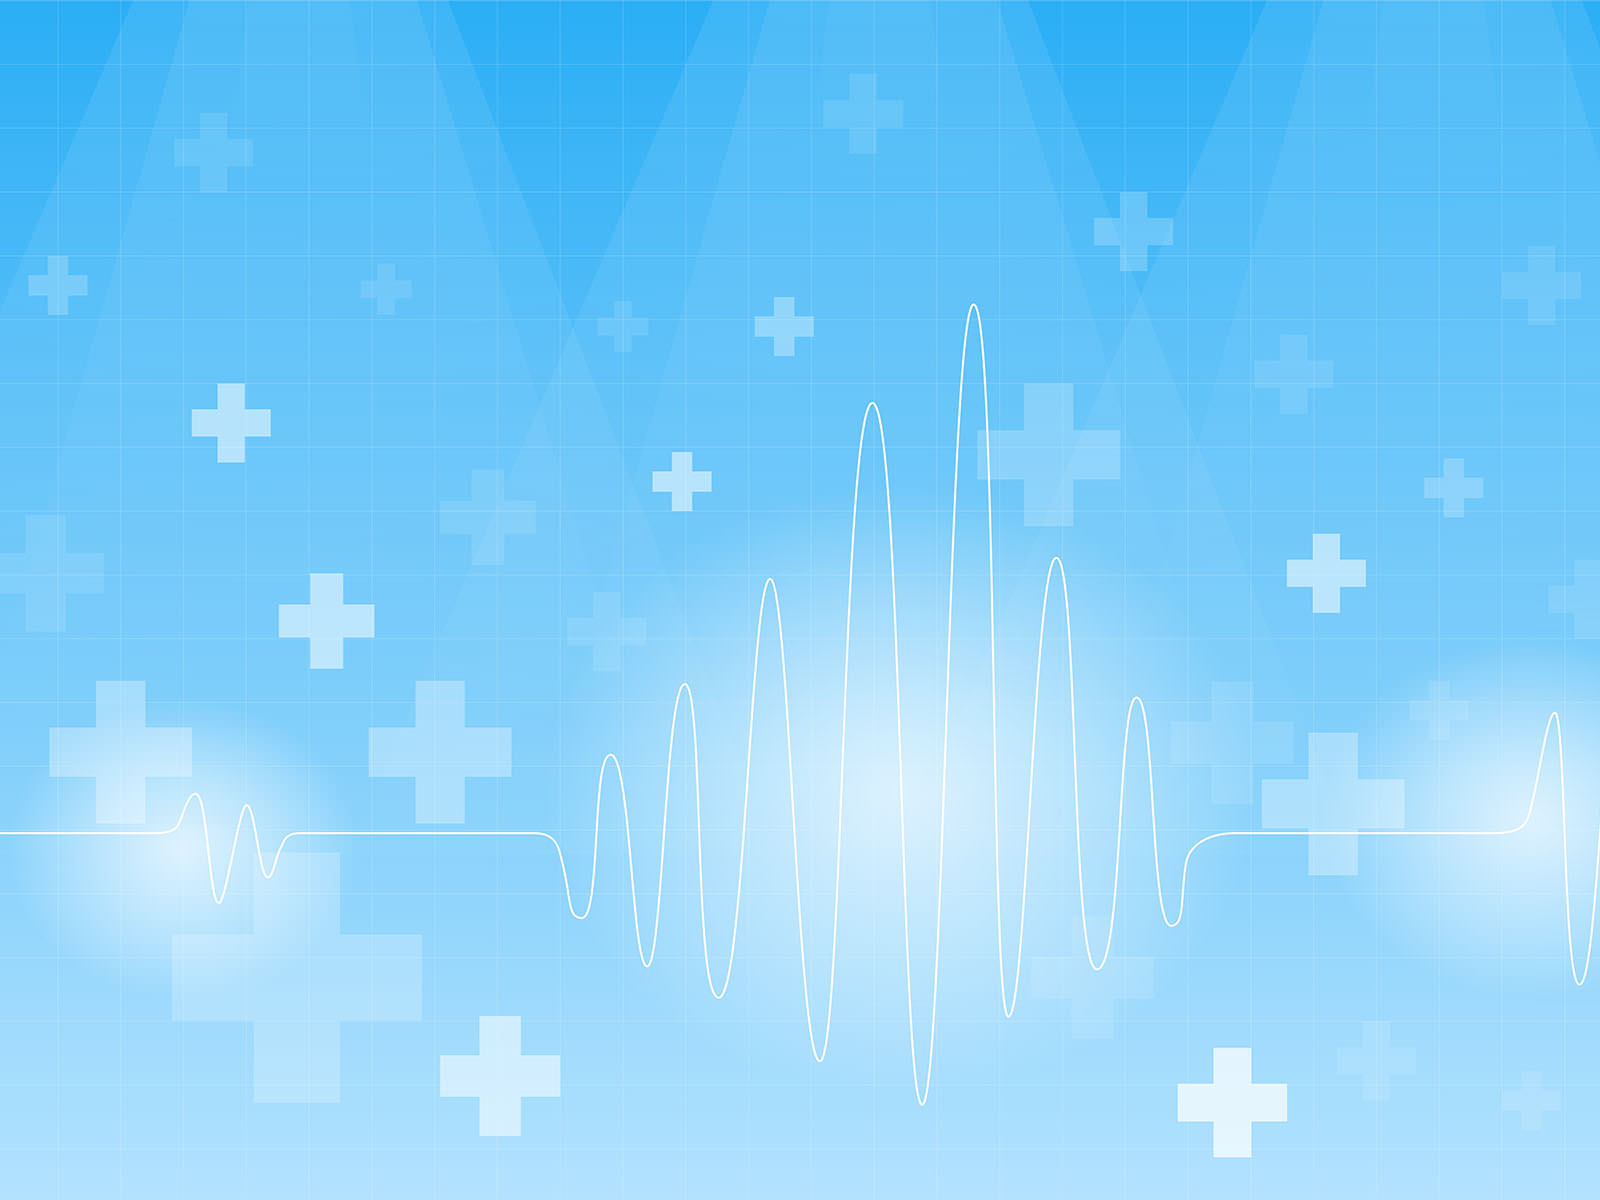 Backgroud Powerpoint thuyết trình đẹp - nền xanh da trời cho y học